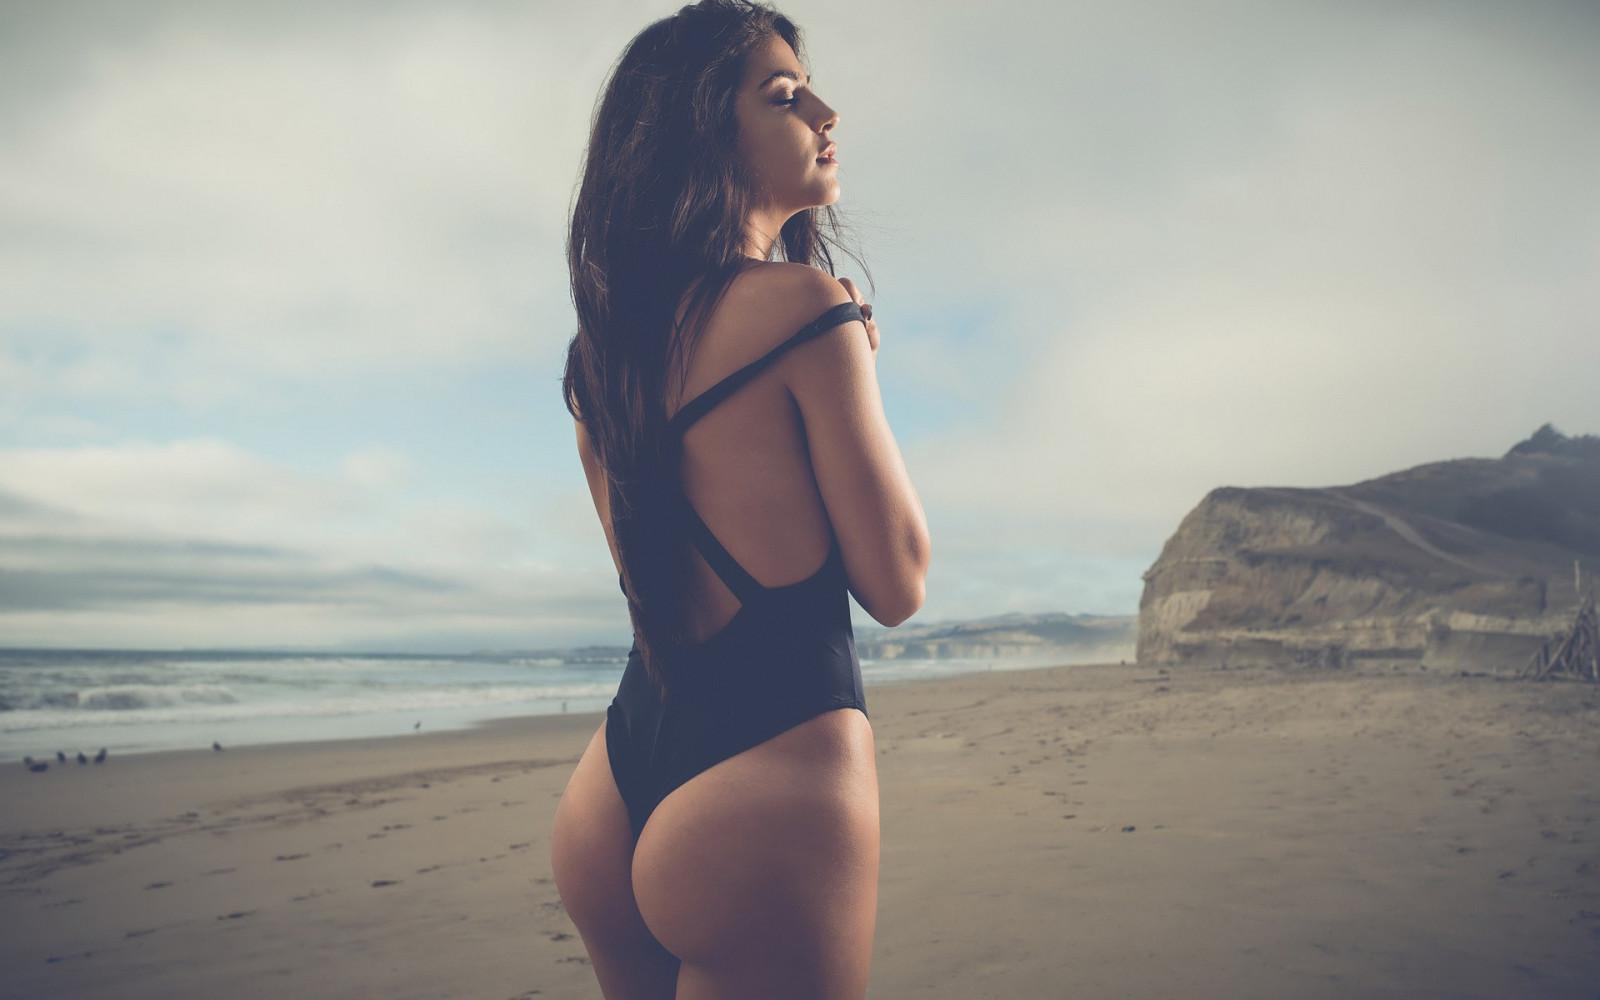 невозможно очень фото красивых девушек брюнеток шатенок в купальниках всчякие наслаждения если